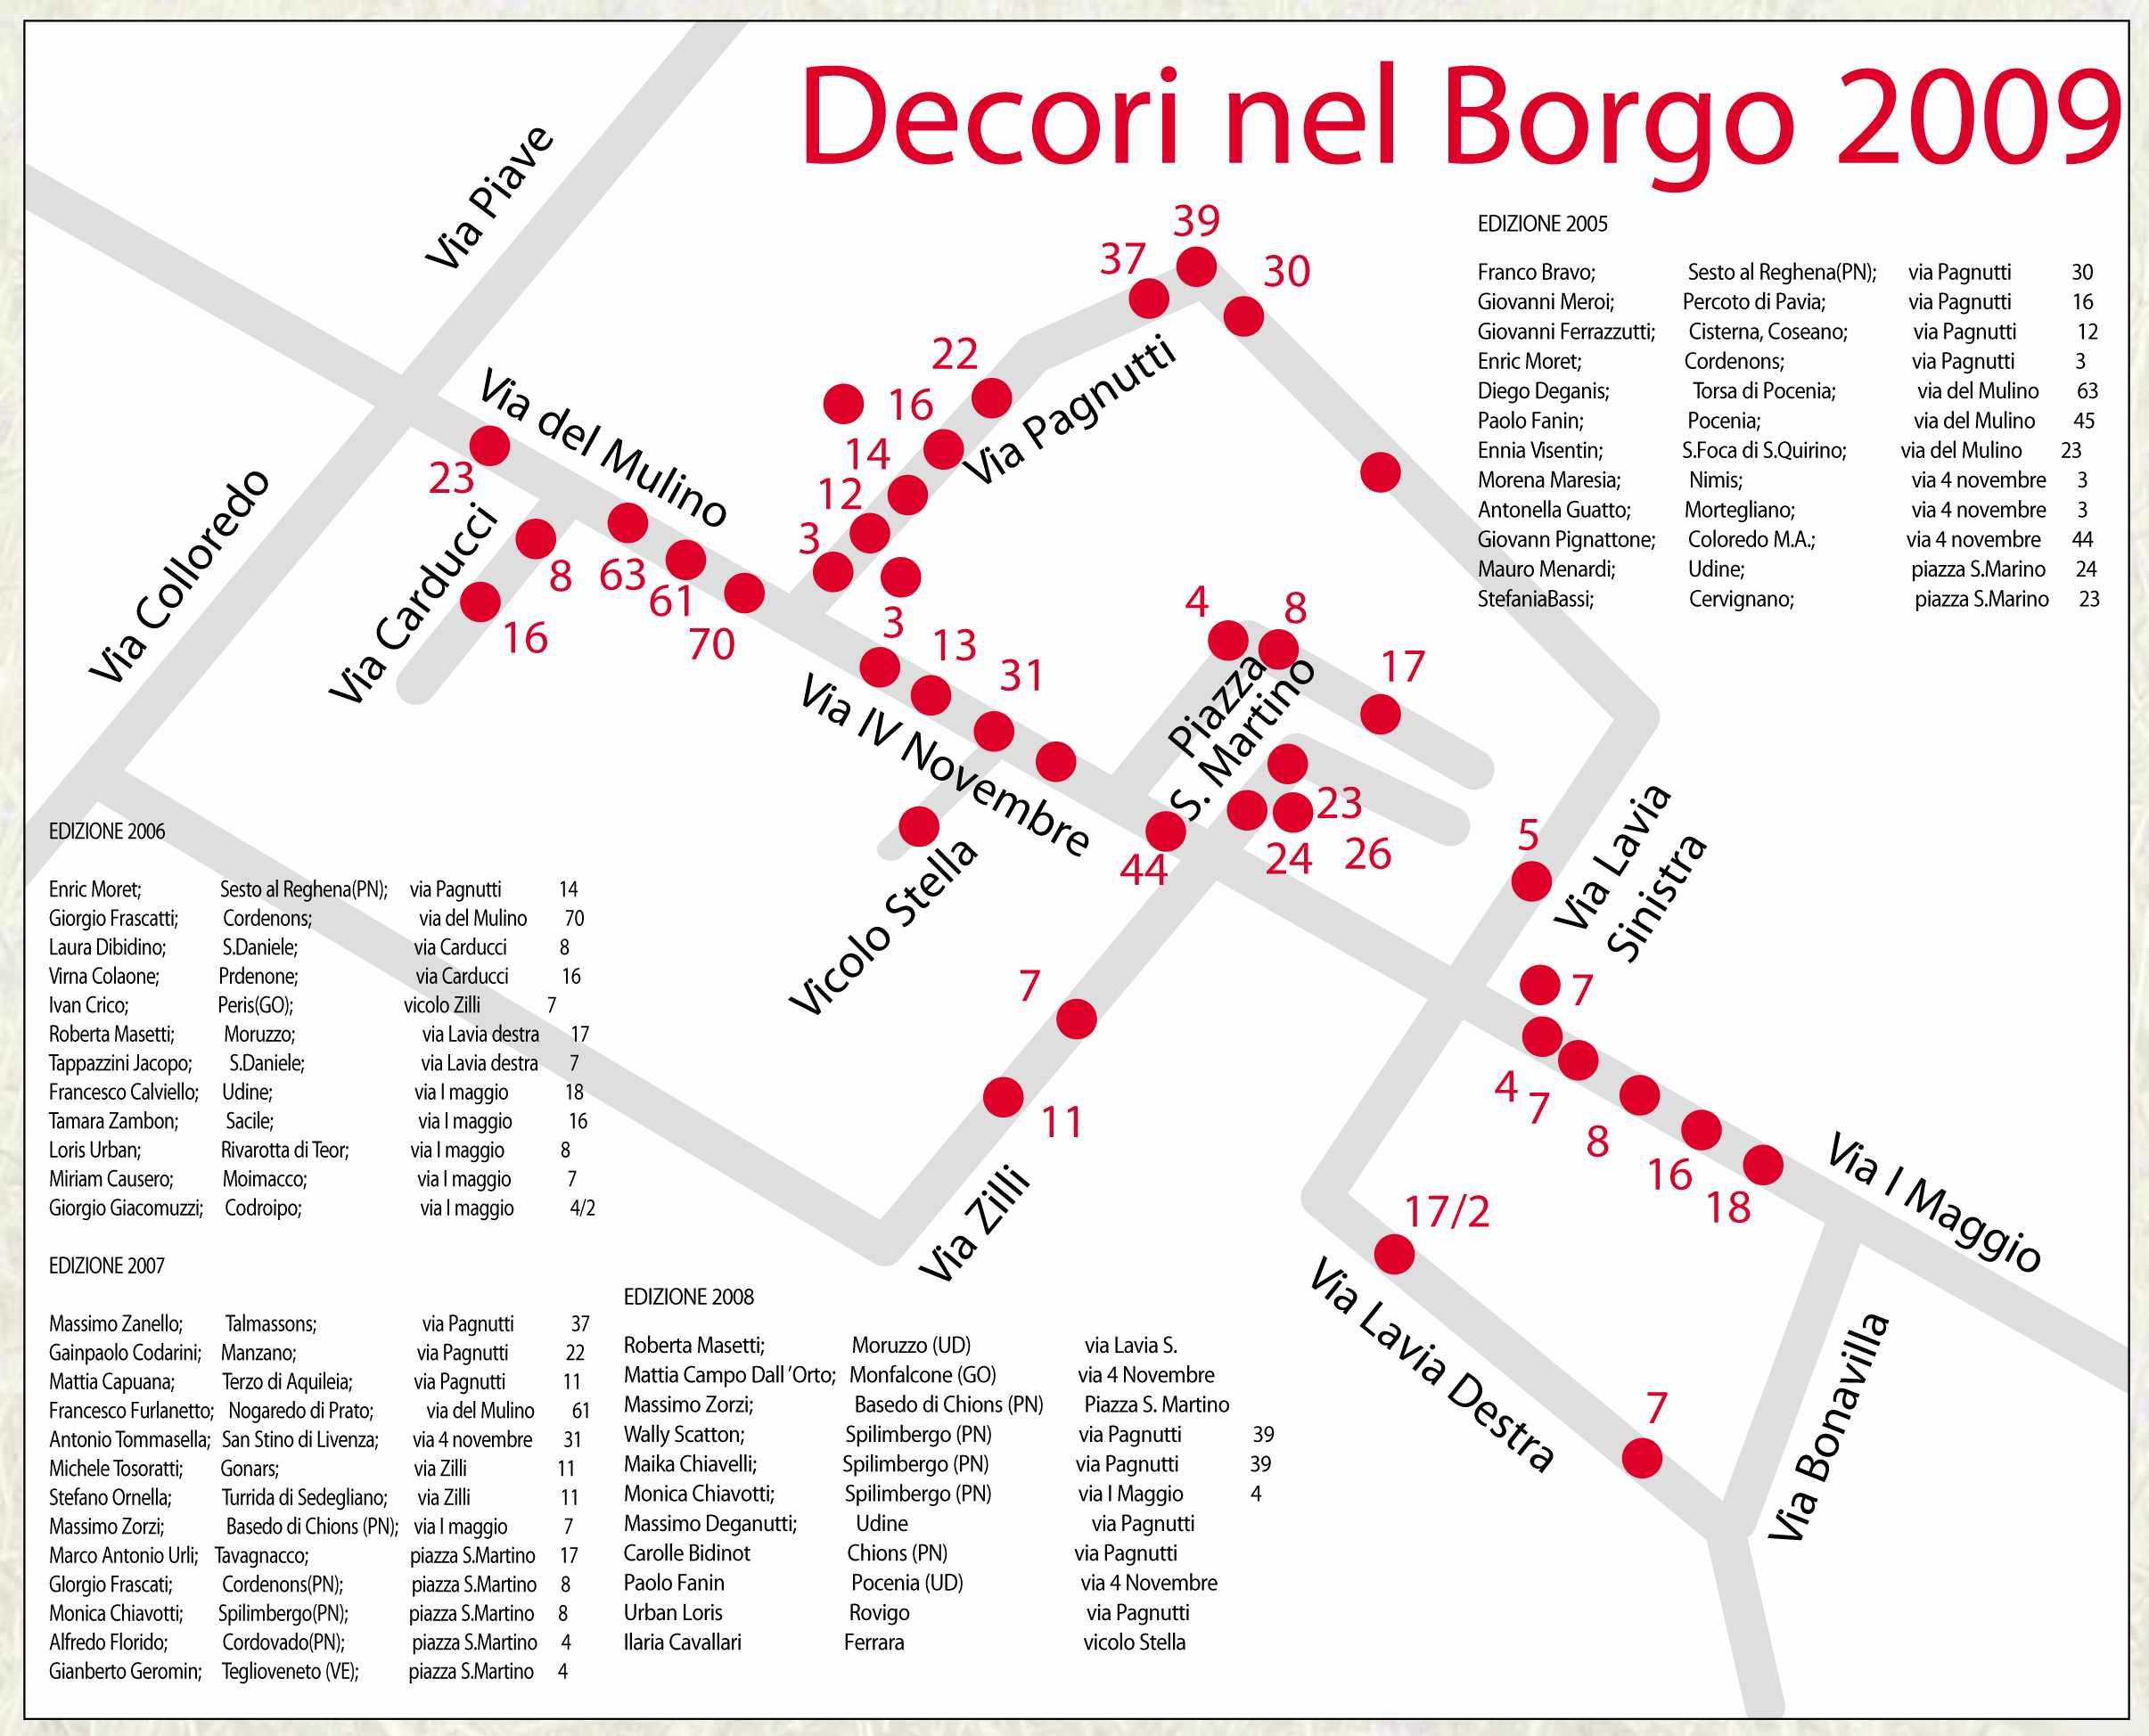 mappa Decori nel Borgo, rassegna dei pittori decoratori di Nogaredo di Prato, comune di Martignacco, provincia di Udine. Museo a cielo aperto